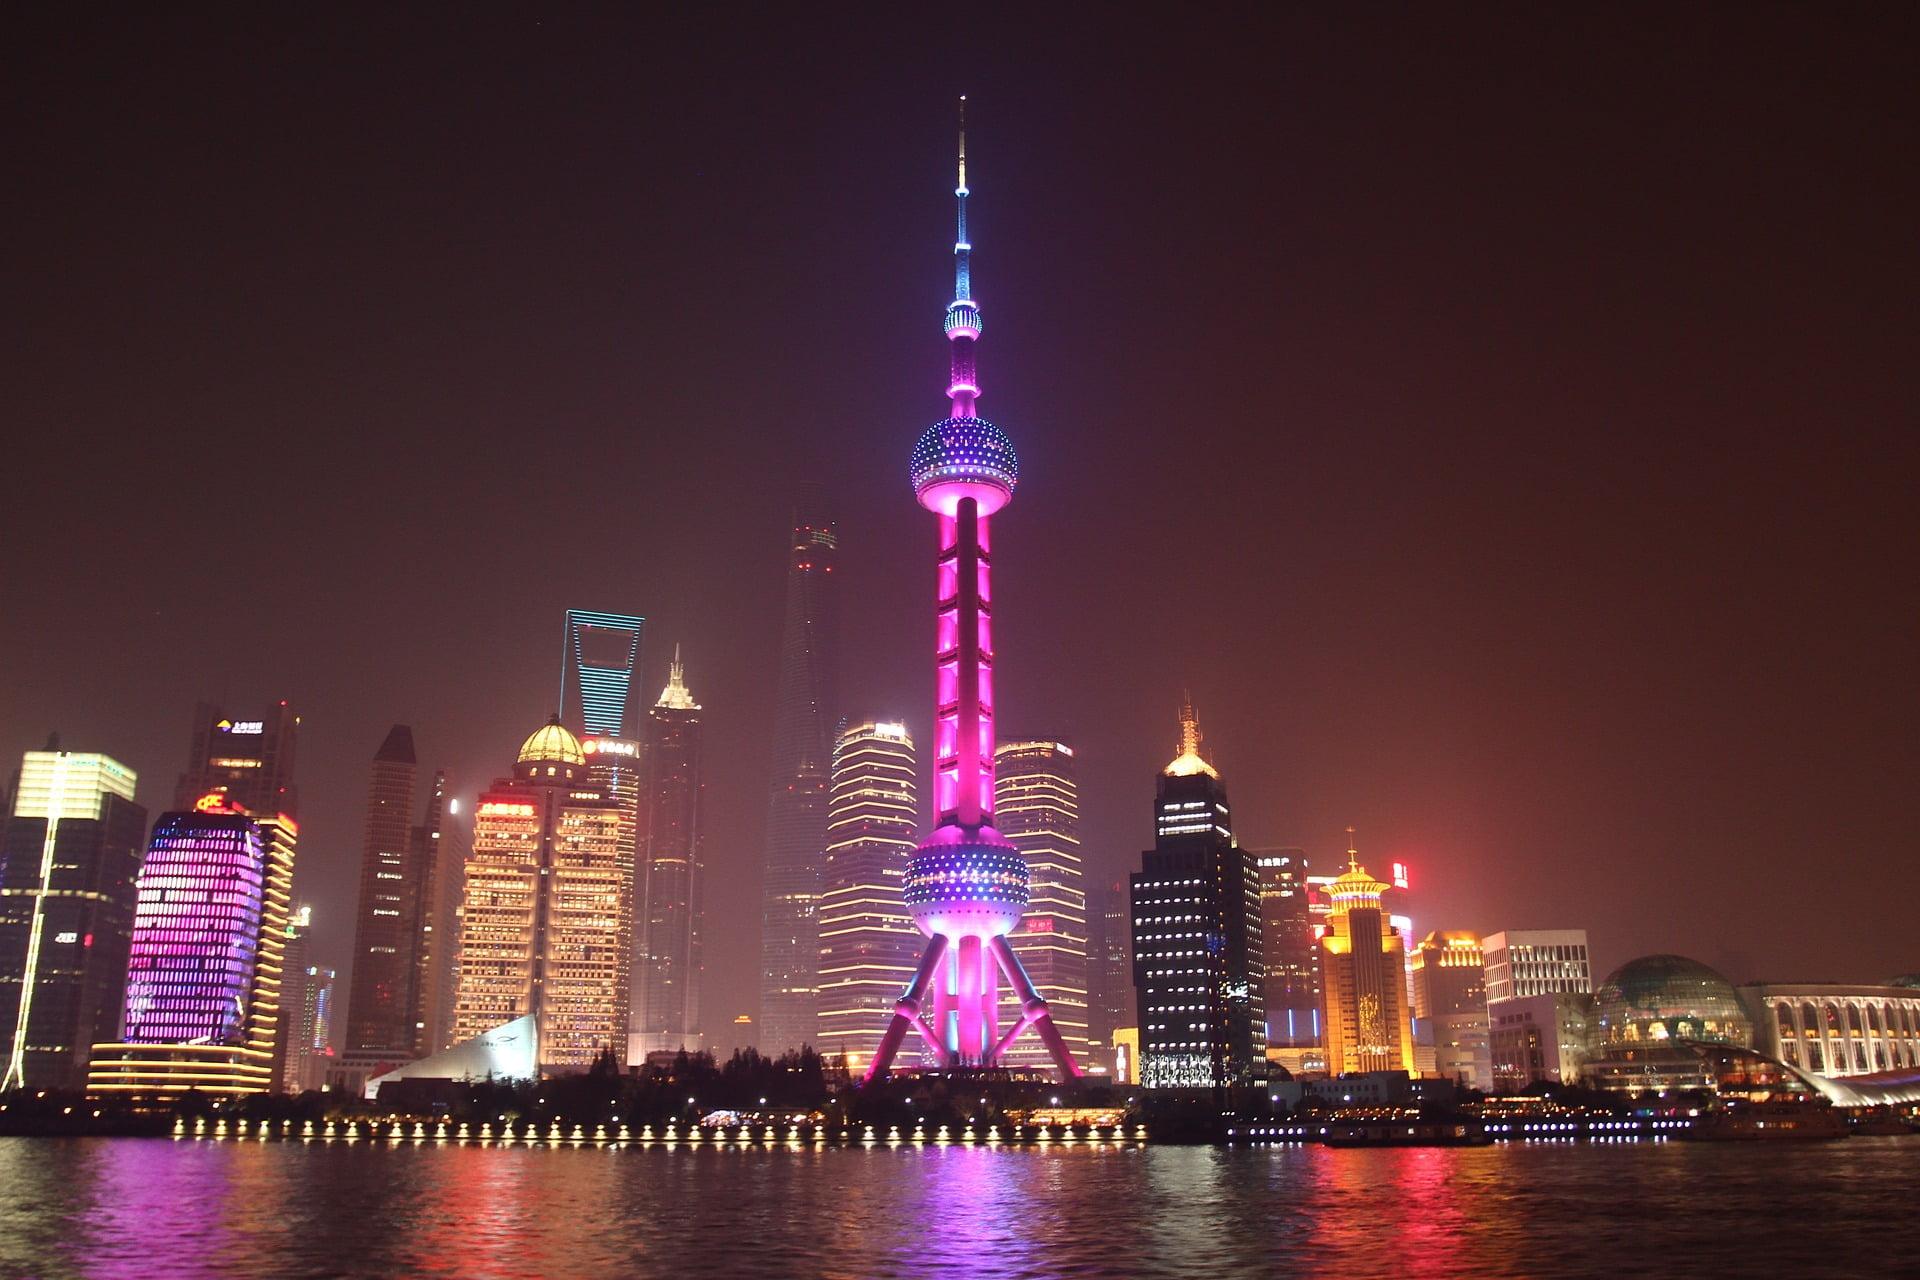 เที่ยวจีน เซี่ยงไฮ้